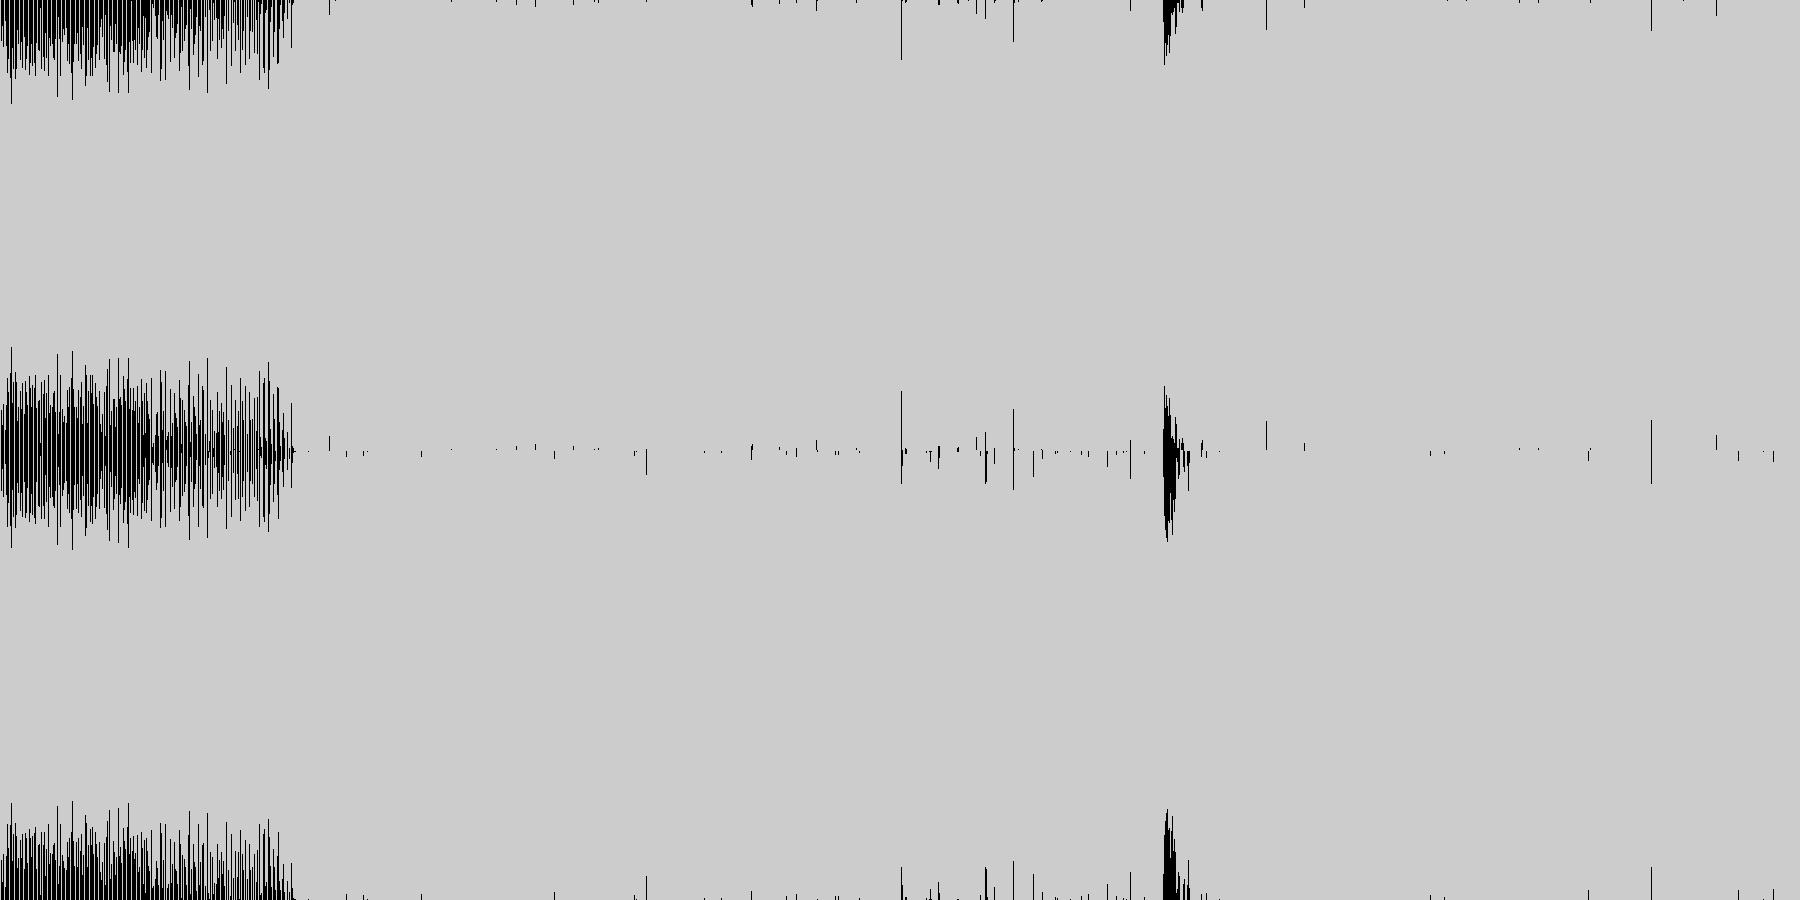 不気味なテクノサウンドの未再生の波形